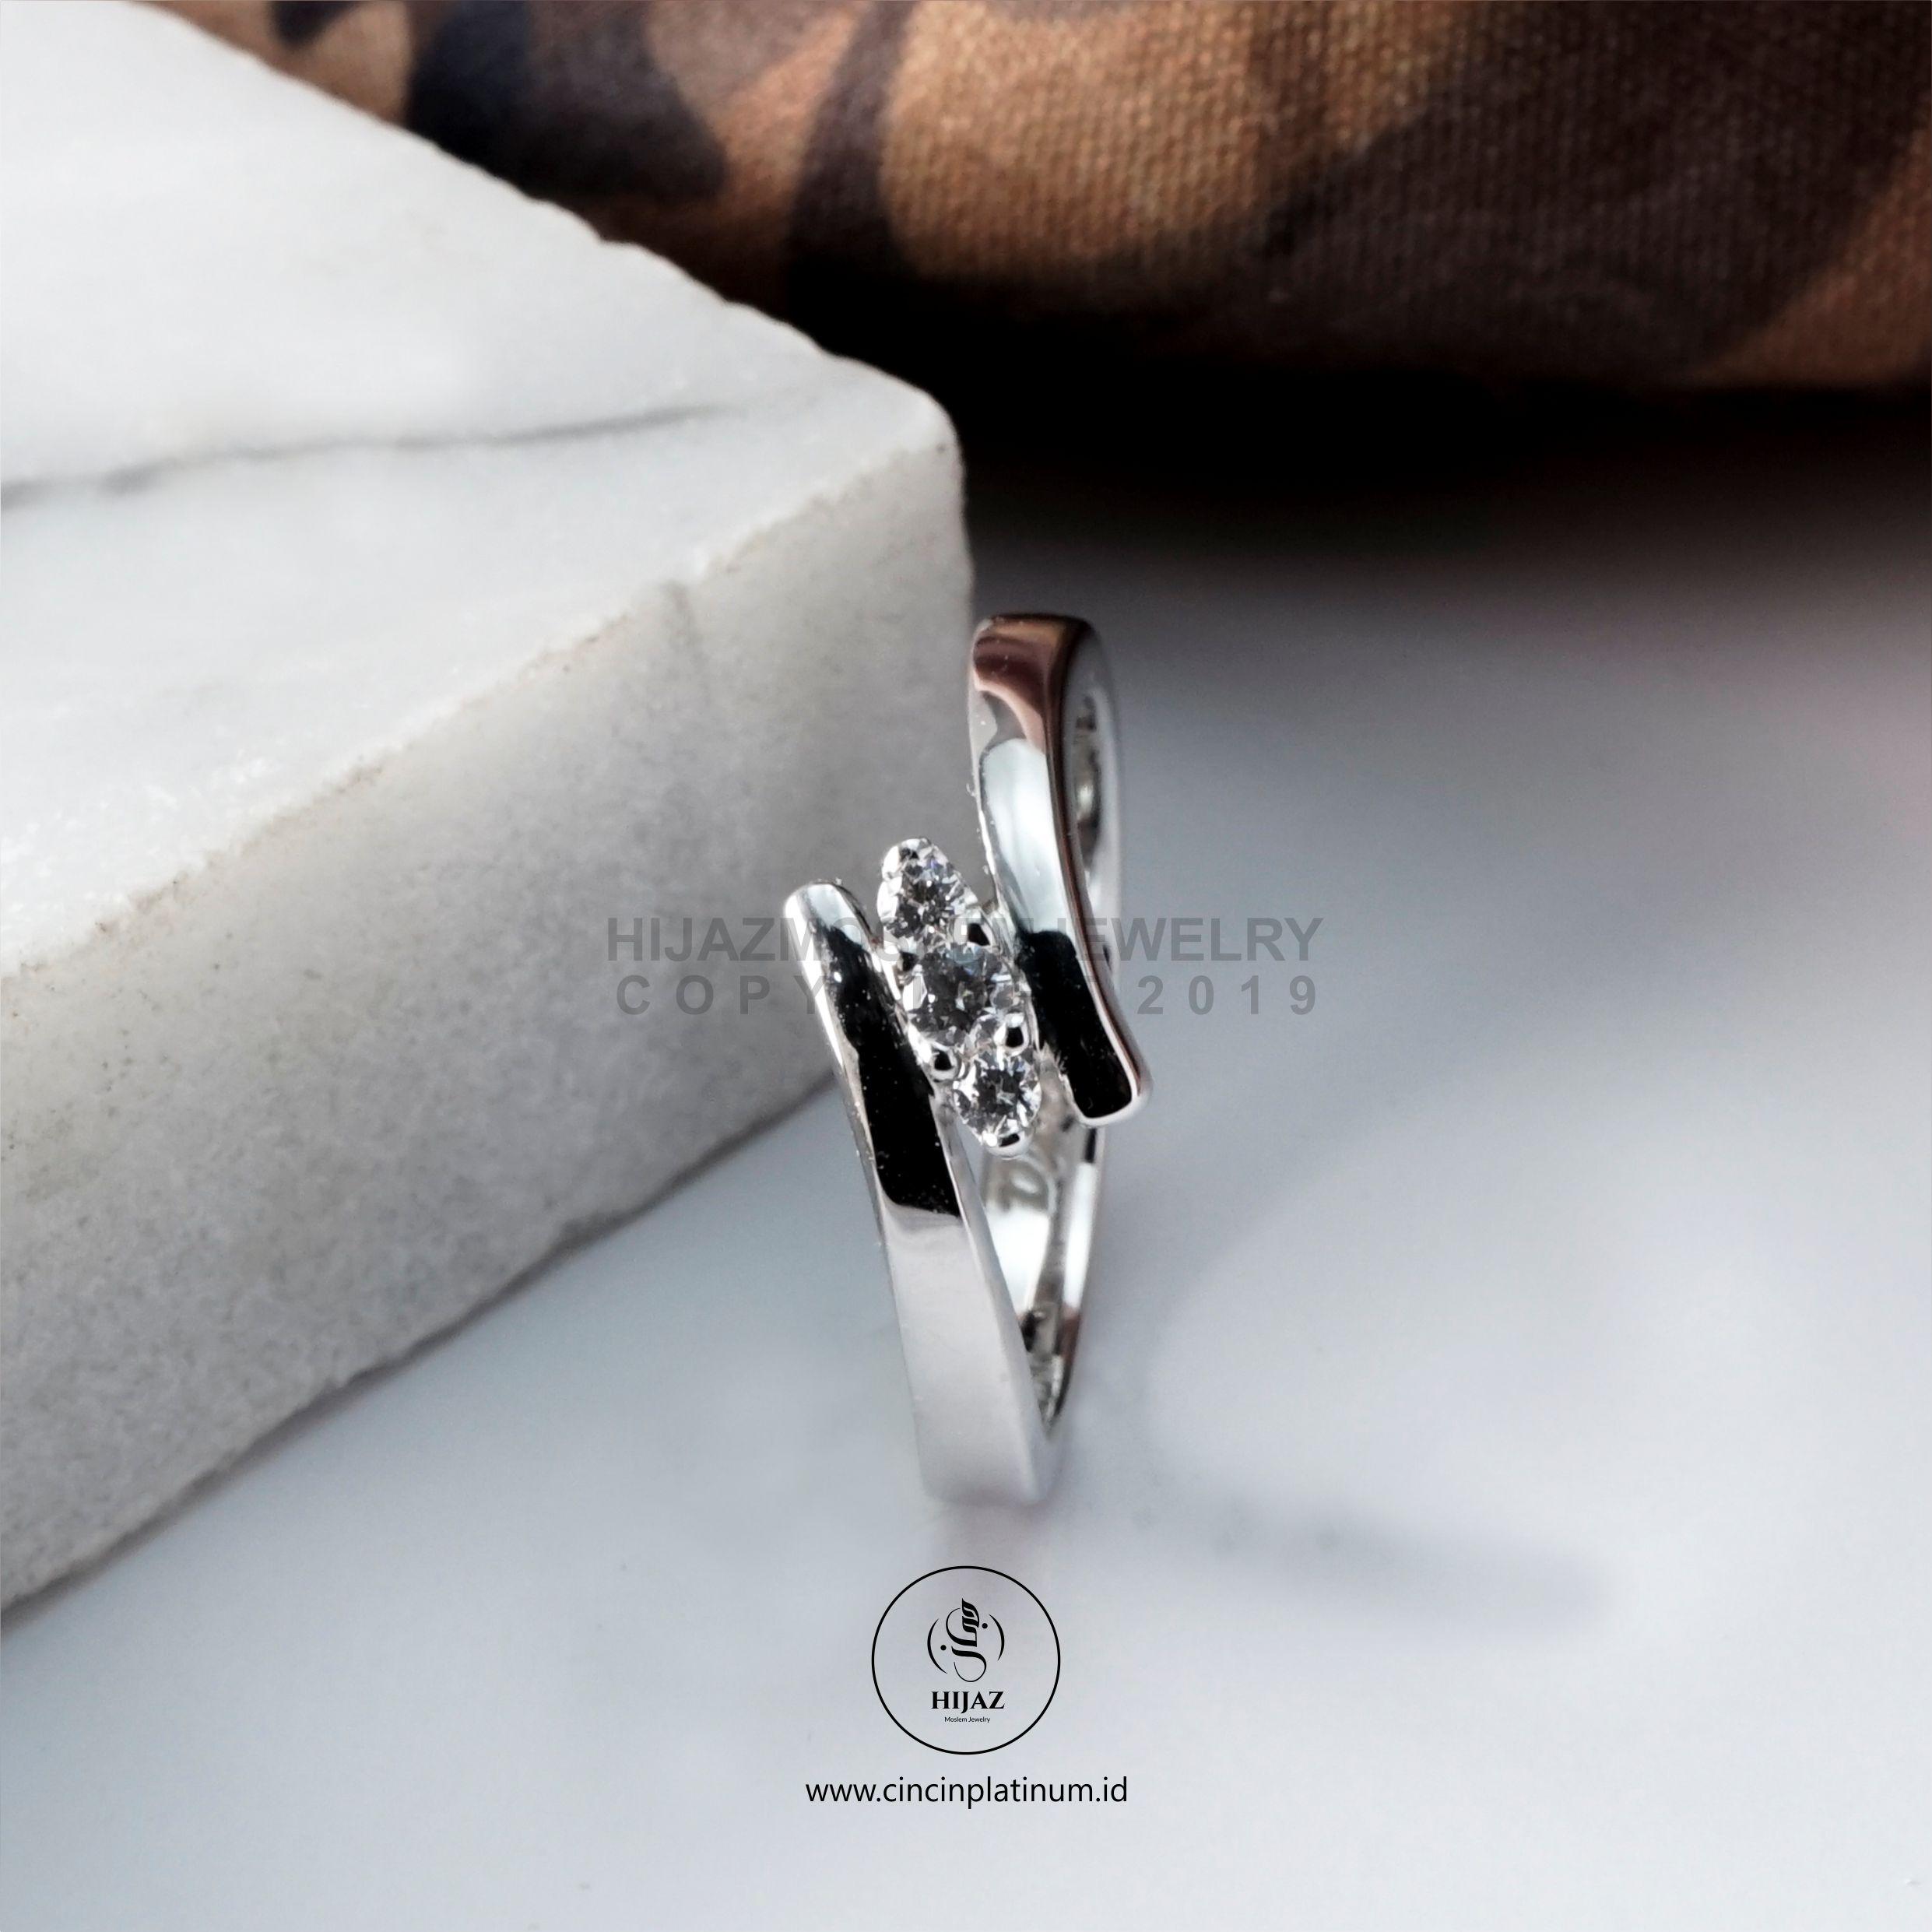 Cincin Kawin Tunangan Emas Putih WG0165